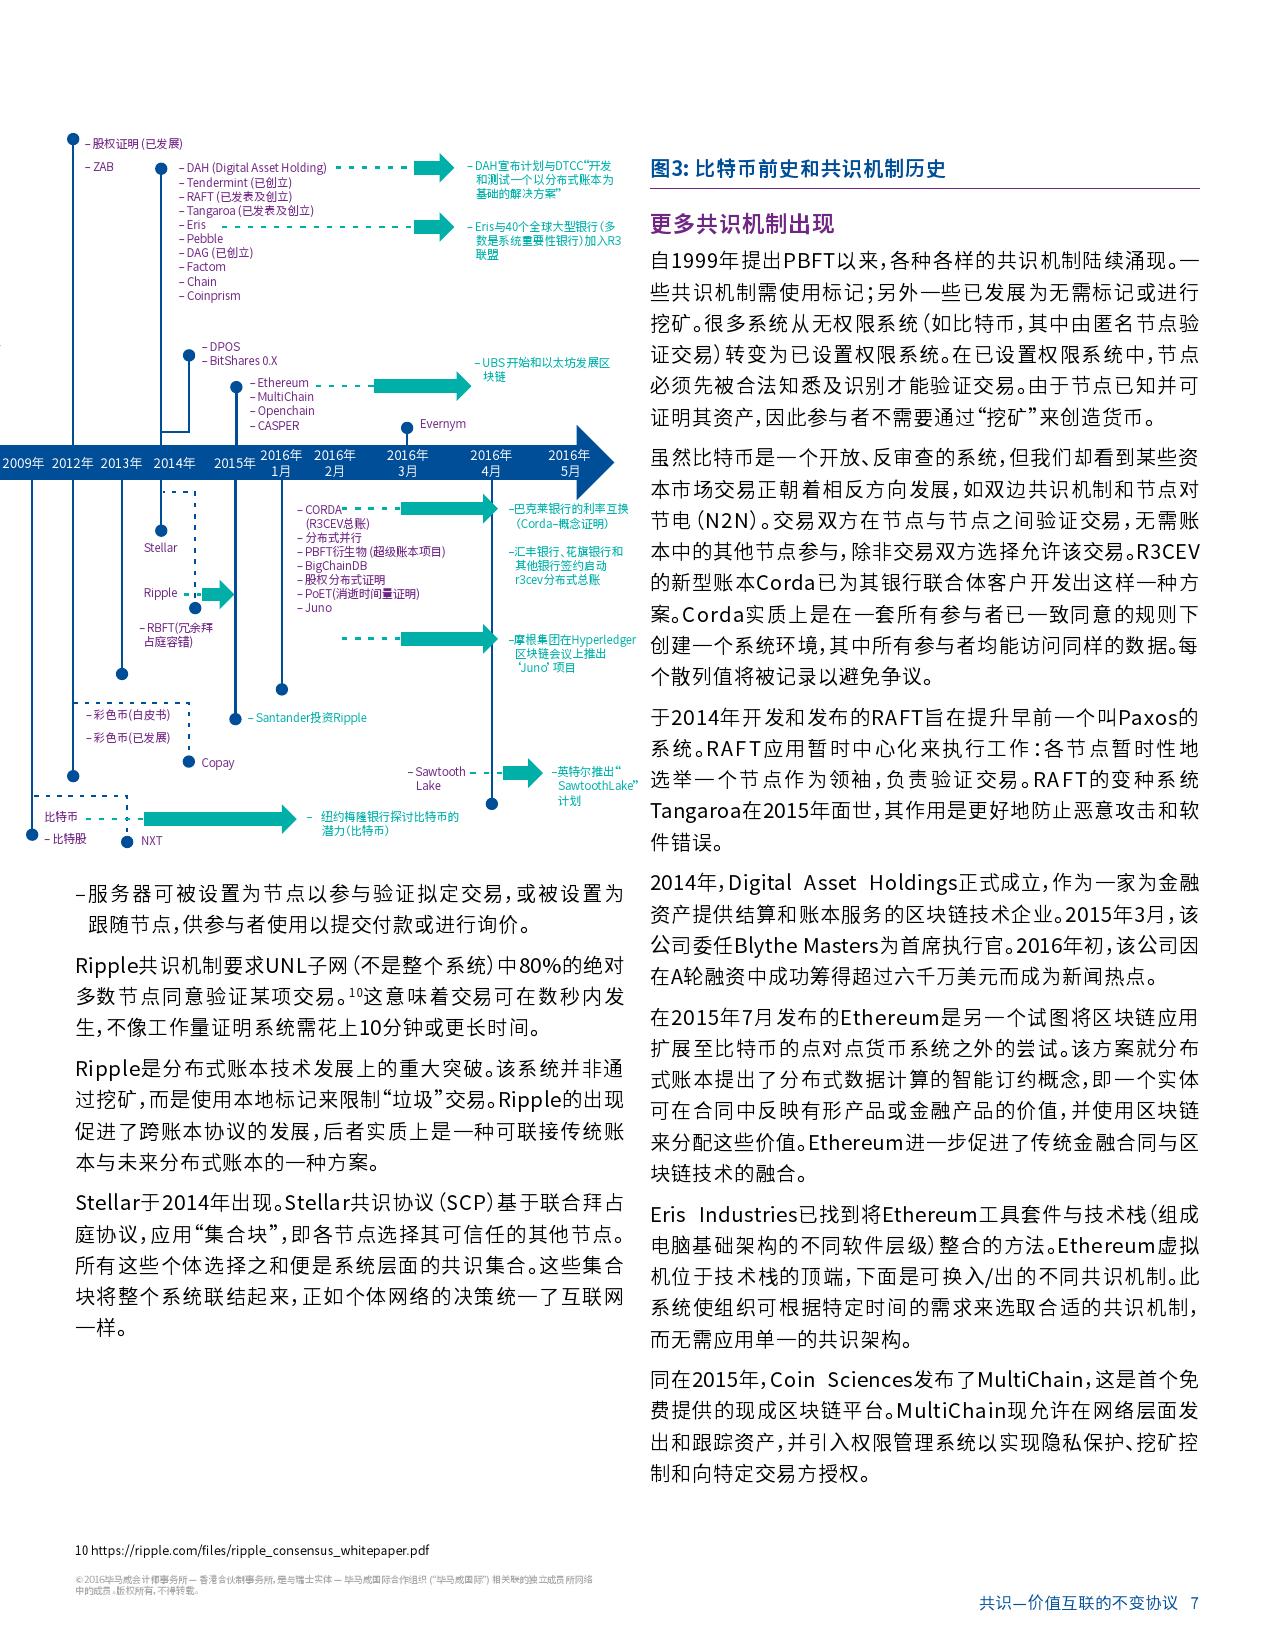 毕马威区块链研究报告_000009